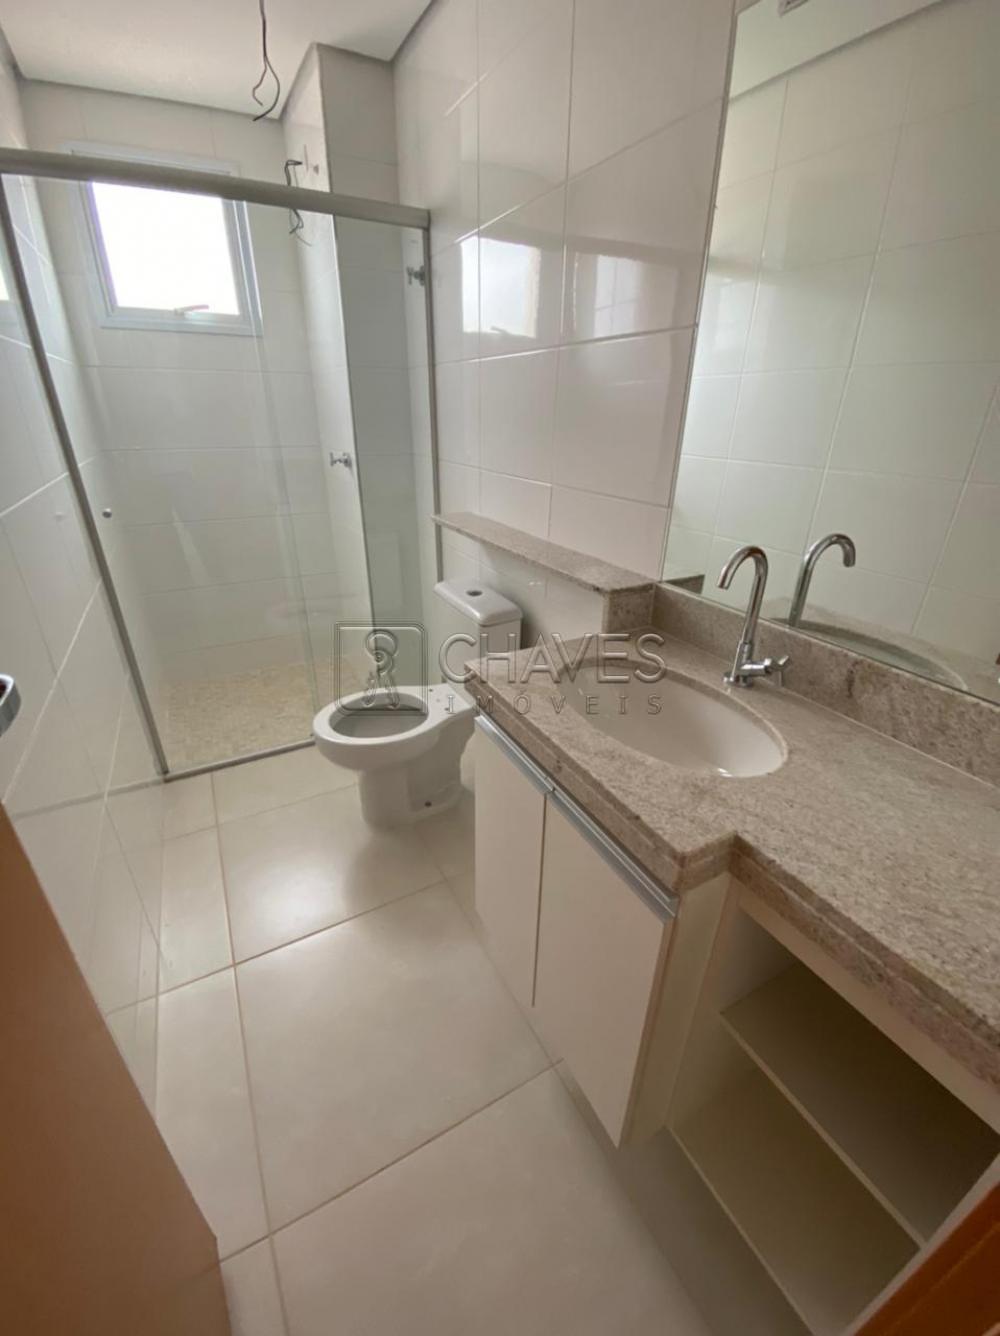 Comprar Apartamento / Padrão em Ribeirão Preto R$ 420.000,00 - Foto 19